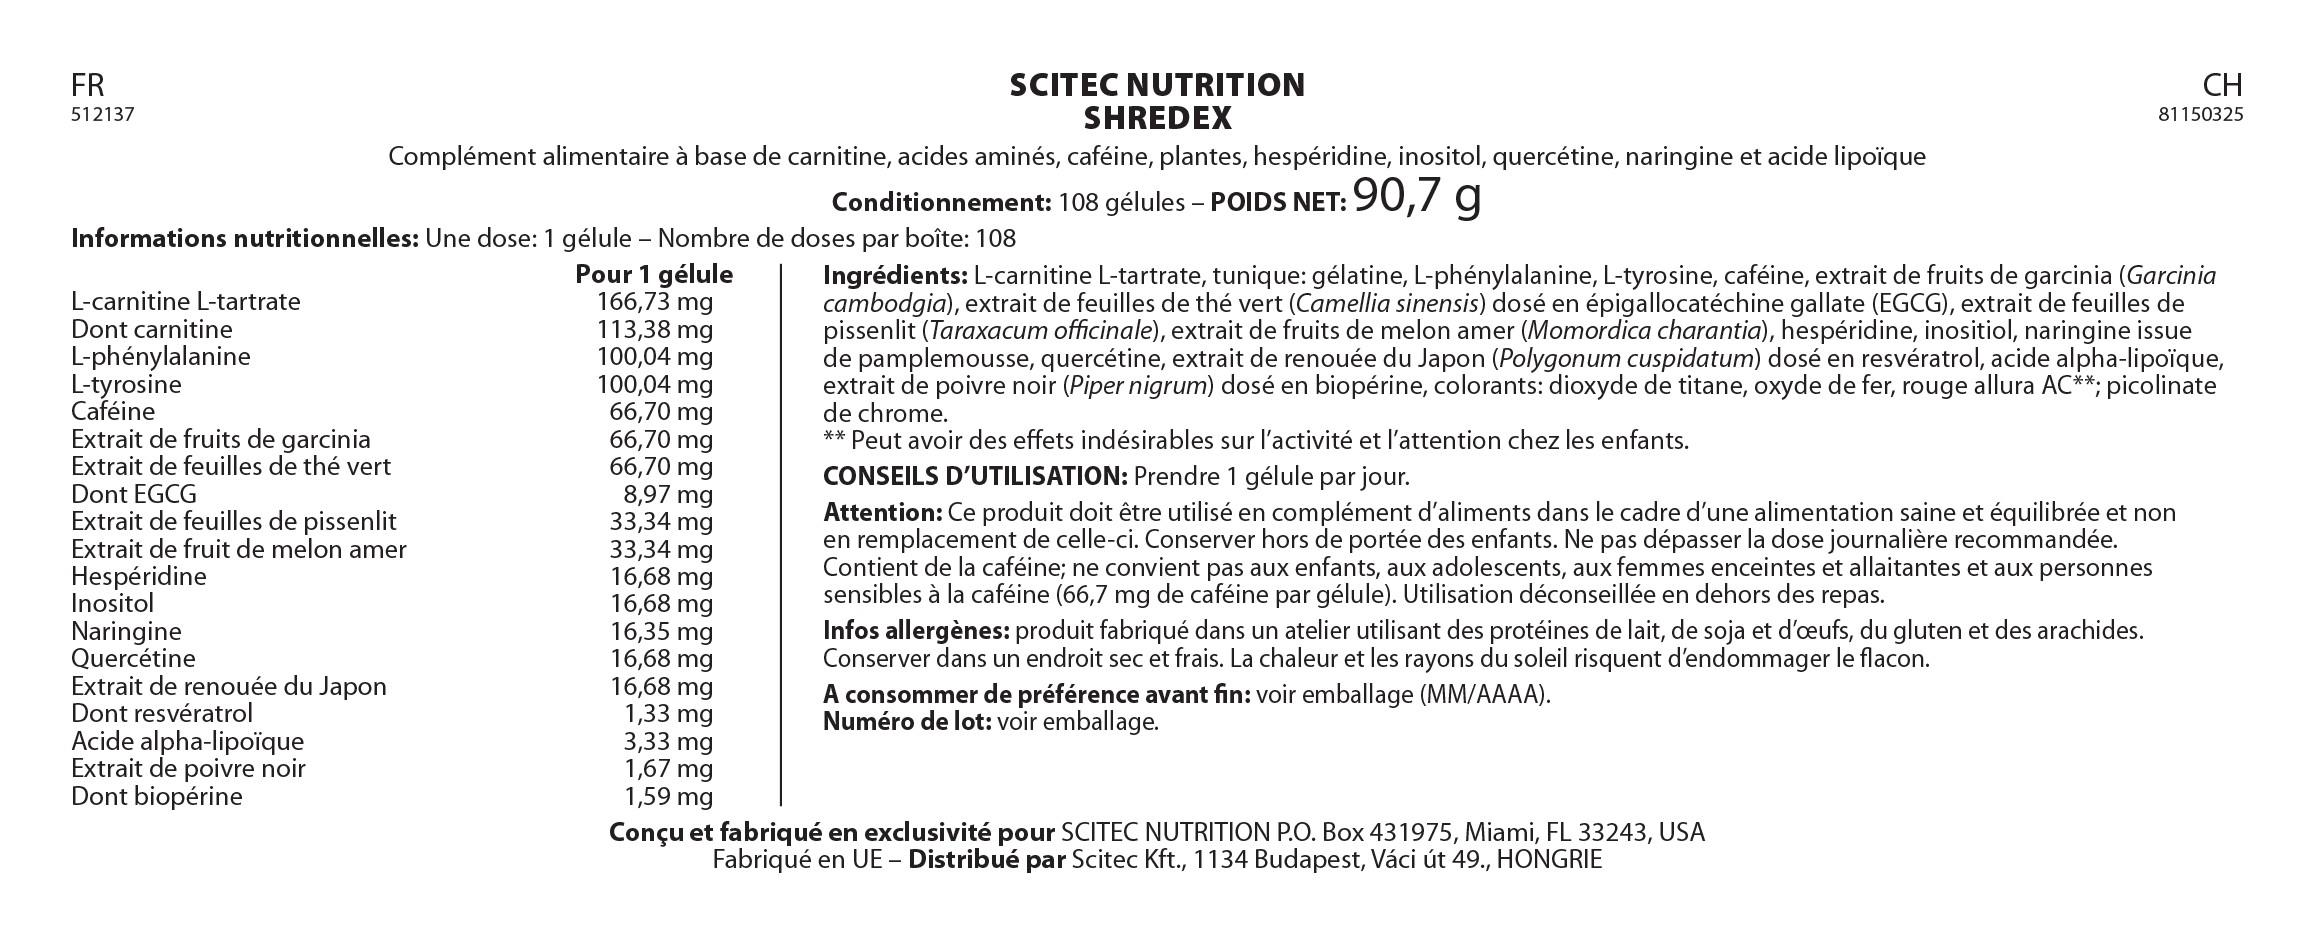 Informations nutritionnelles Shredex de Scitec Nutrition